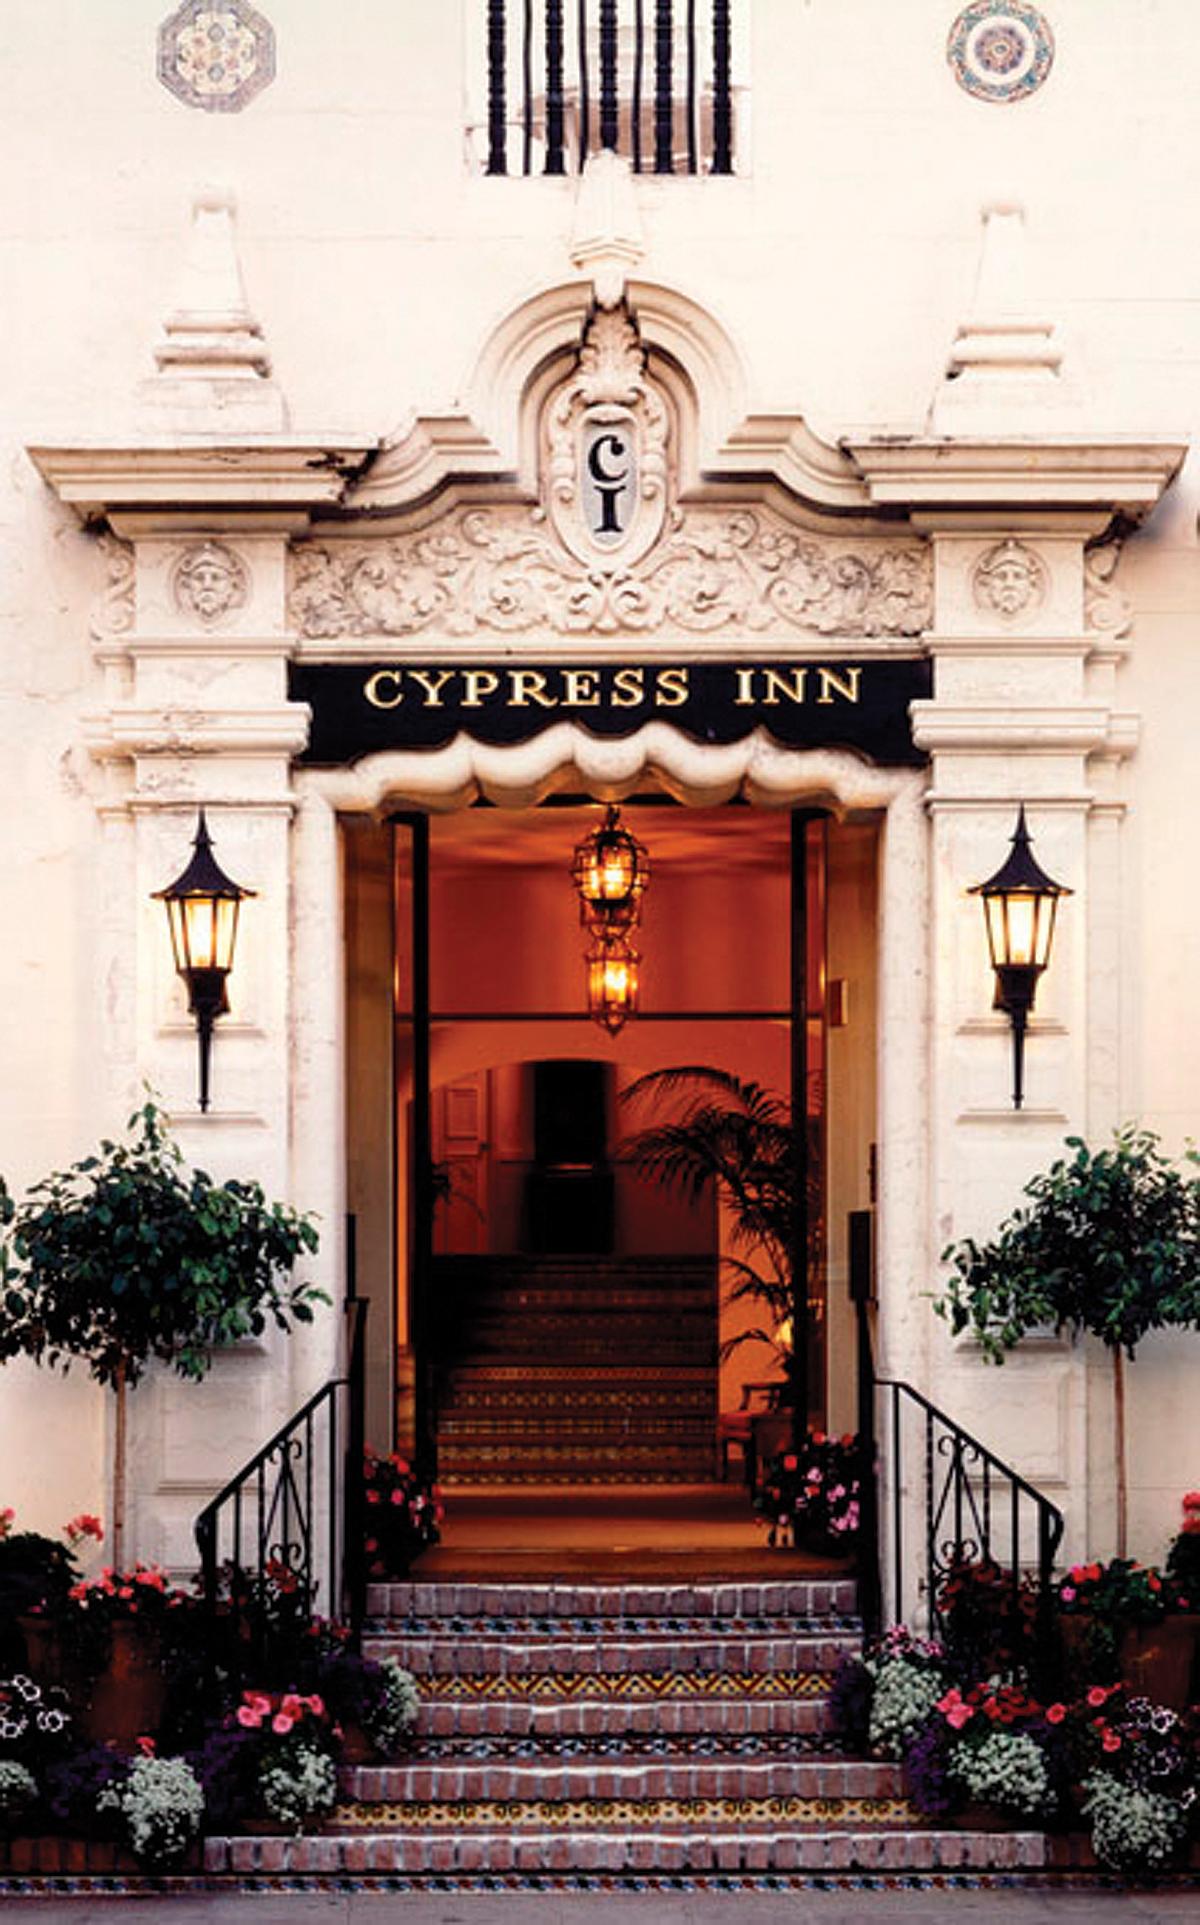 Cypress Inn.jpg